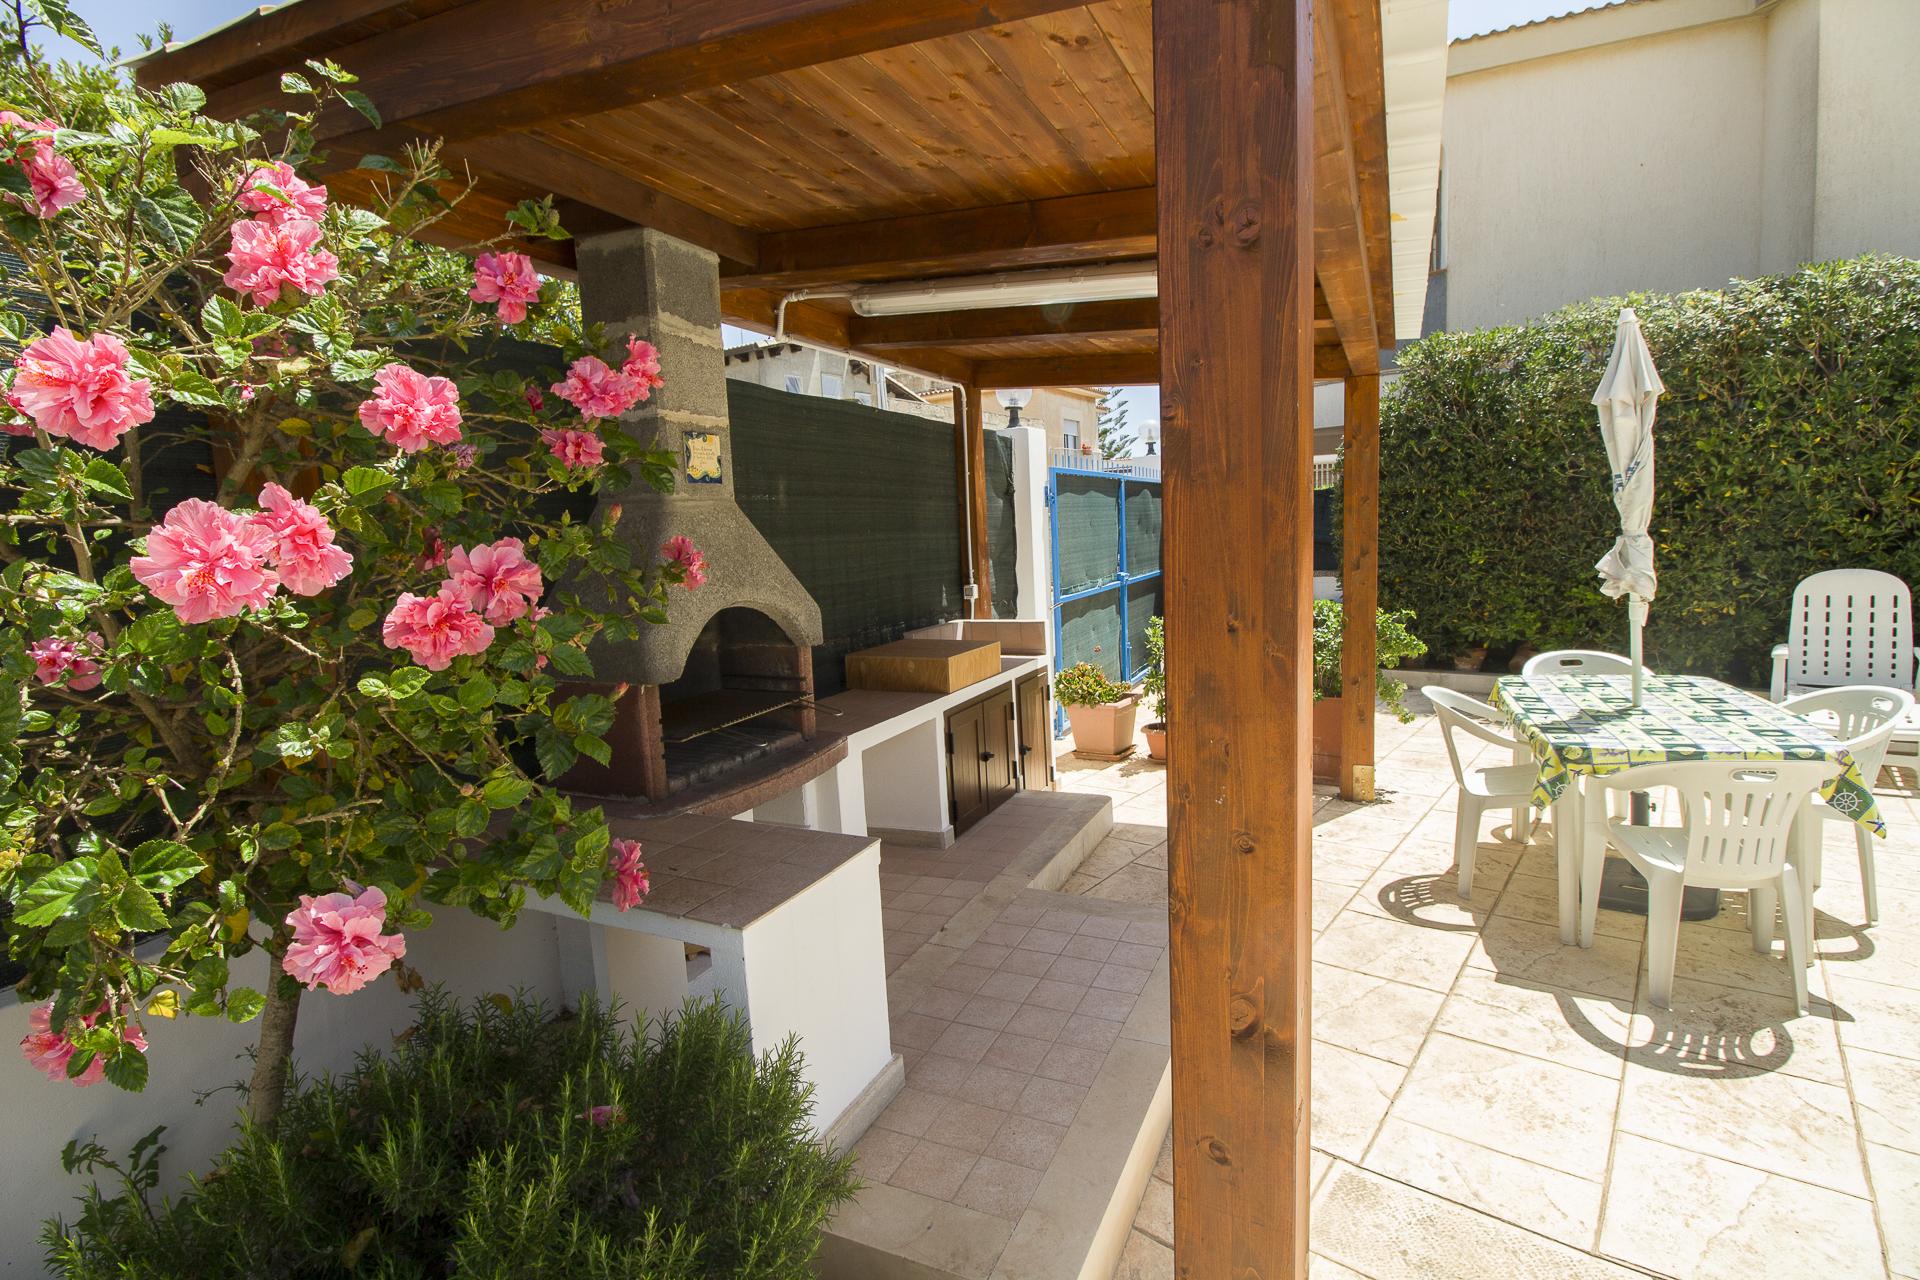 Casa vacanze Noto_sole_di_Sicilia_hotel_noto_marina_vacanze_noto_avola_siracusa_marzamemi_B&B_noto_camere_appartamenti_noto_mare_17